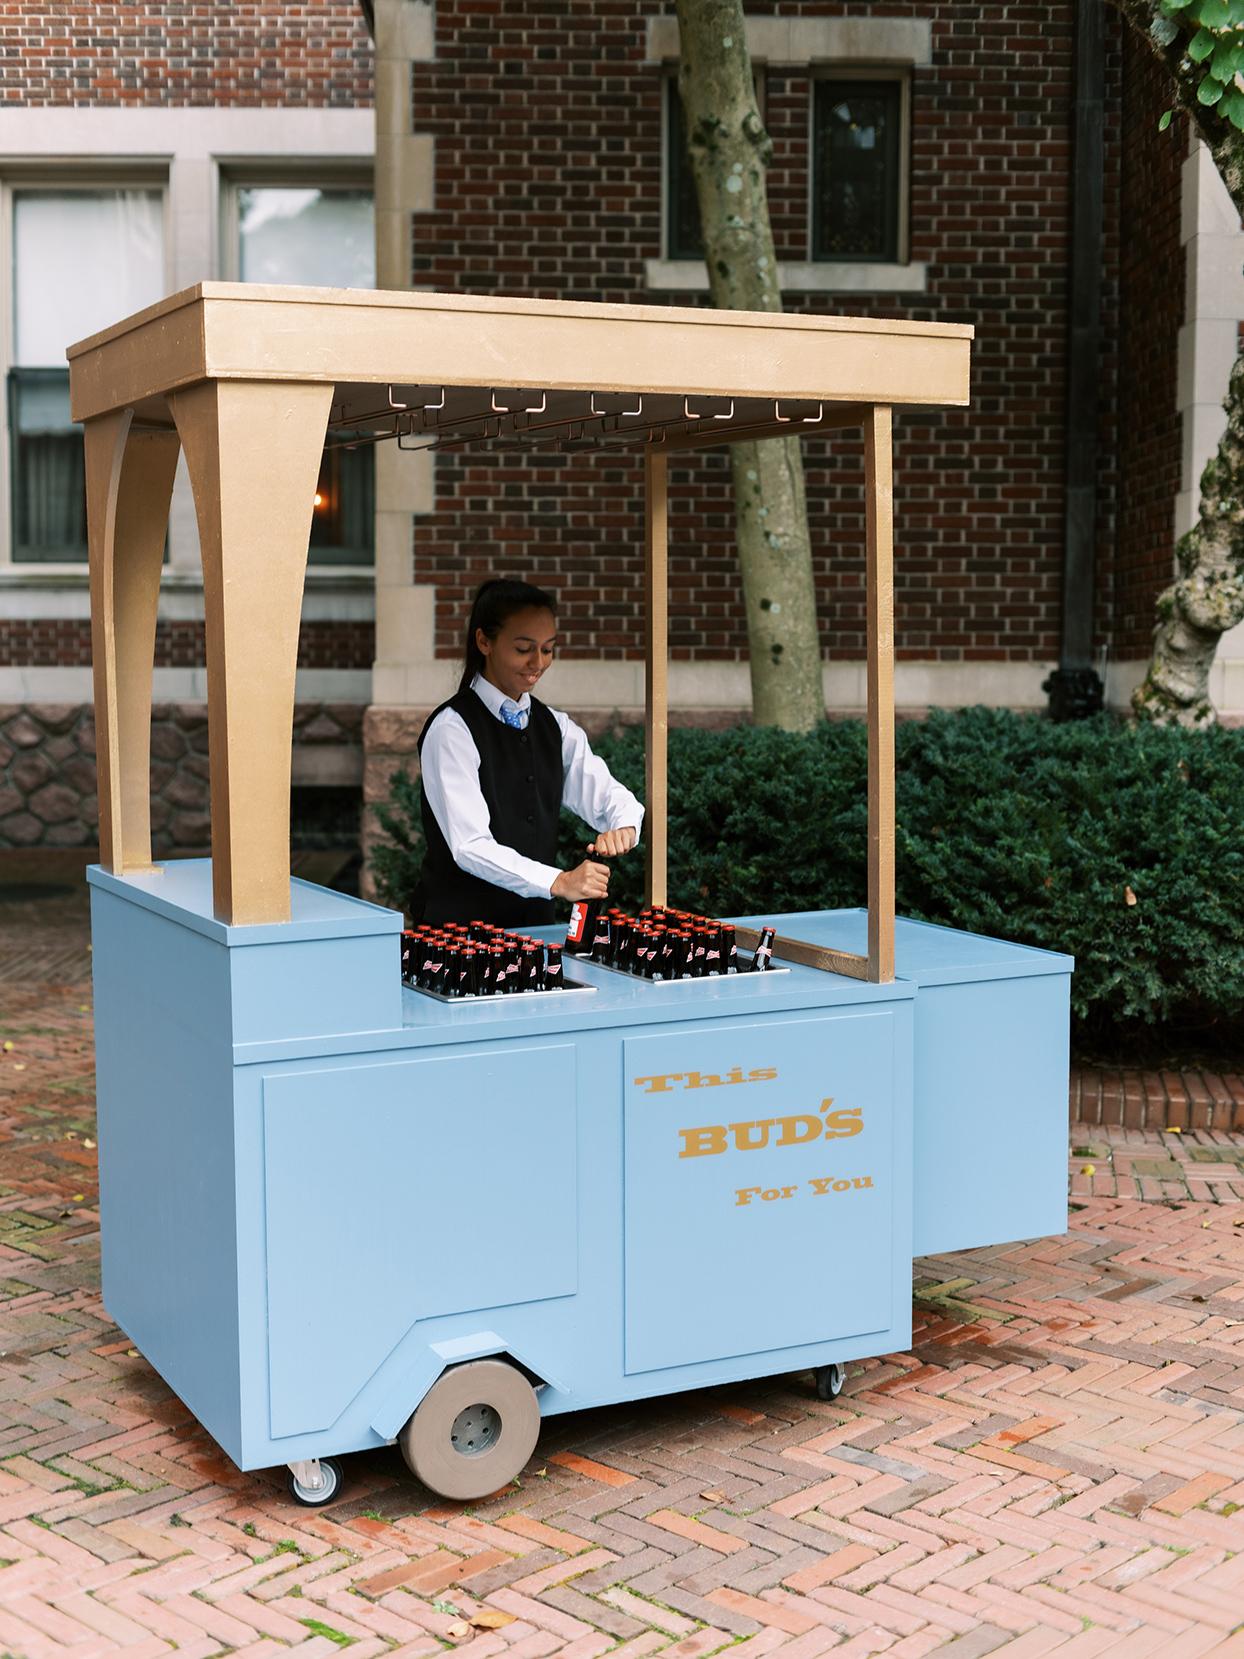 lauren chris wedding woman serving beer from budweiser cart